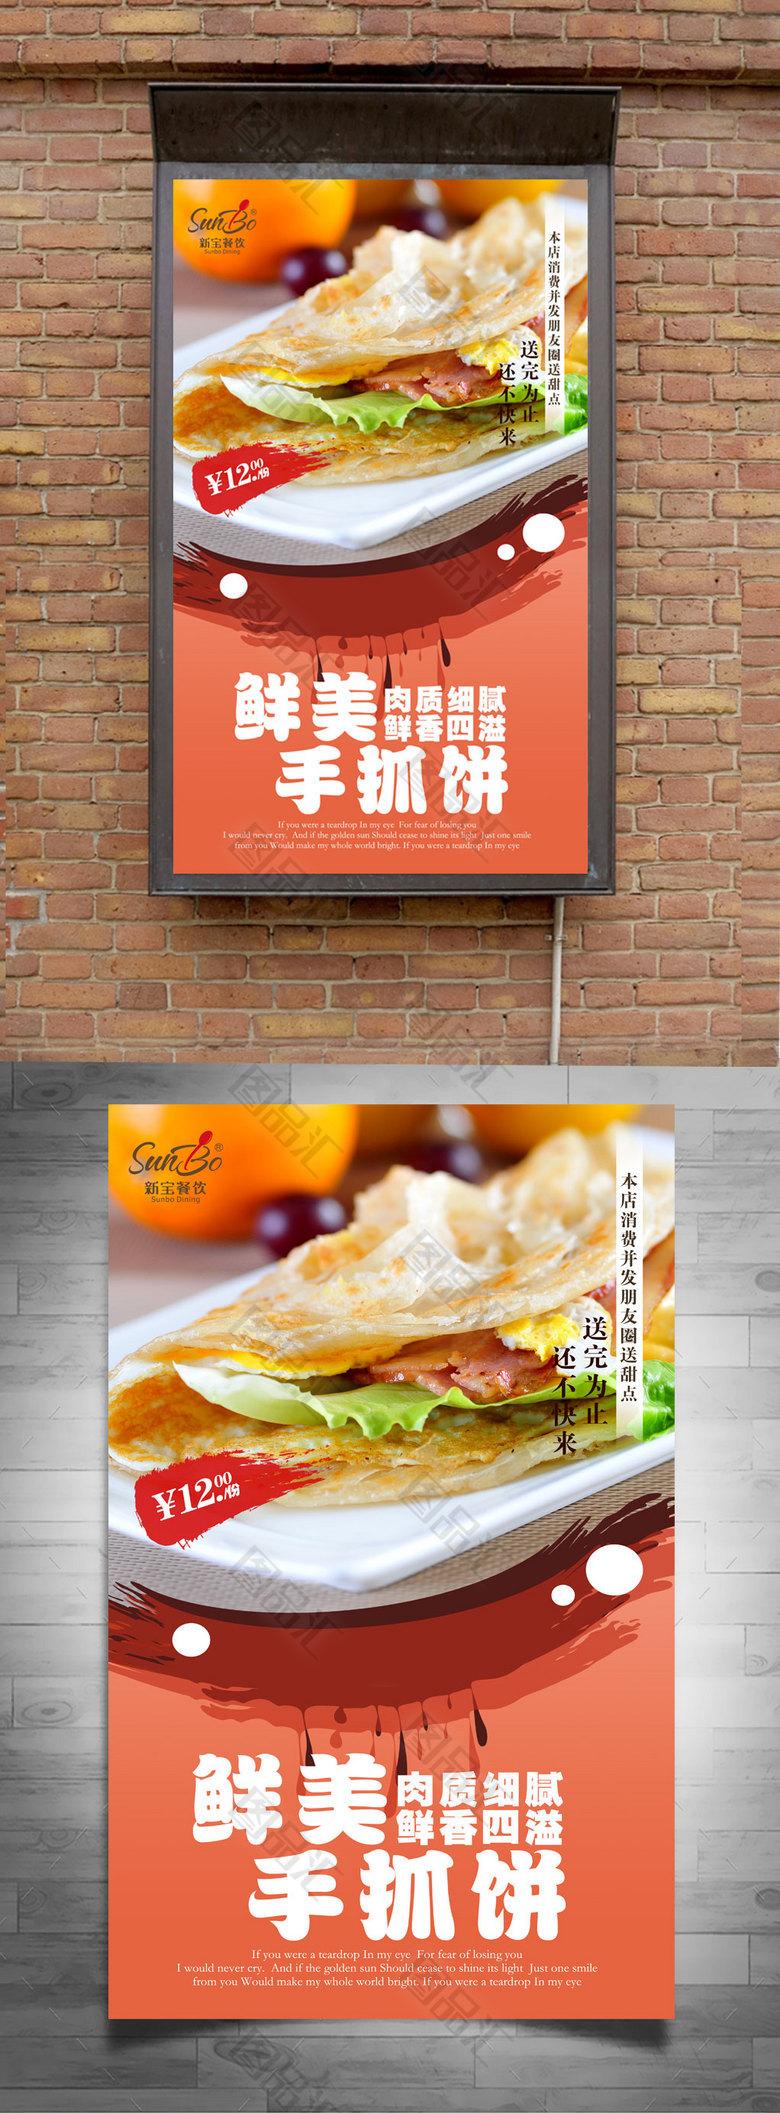 手抓饼海报设计绘制图应该由谁竣工图片